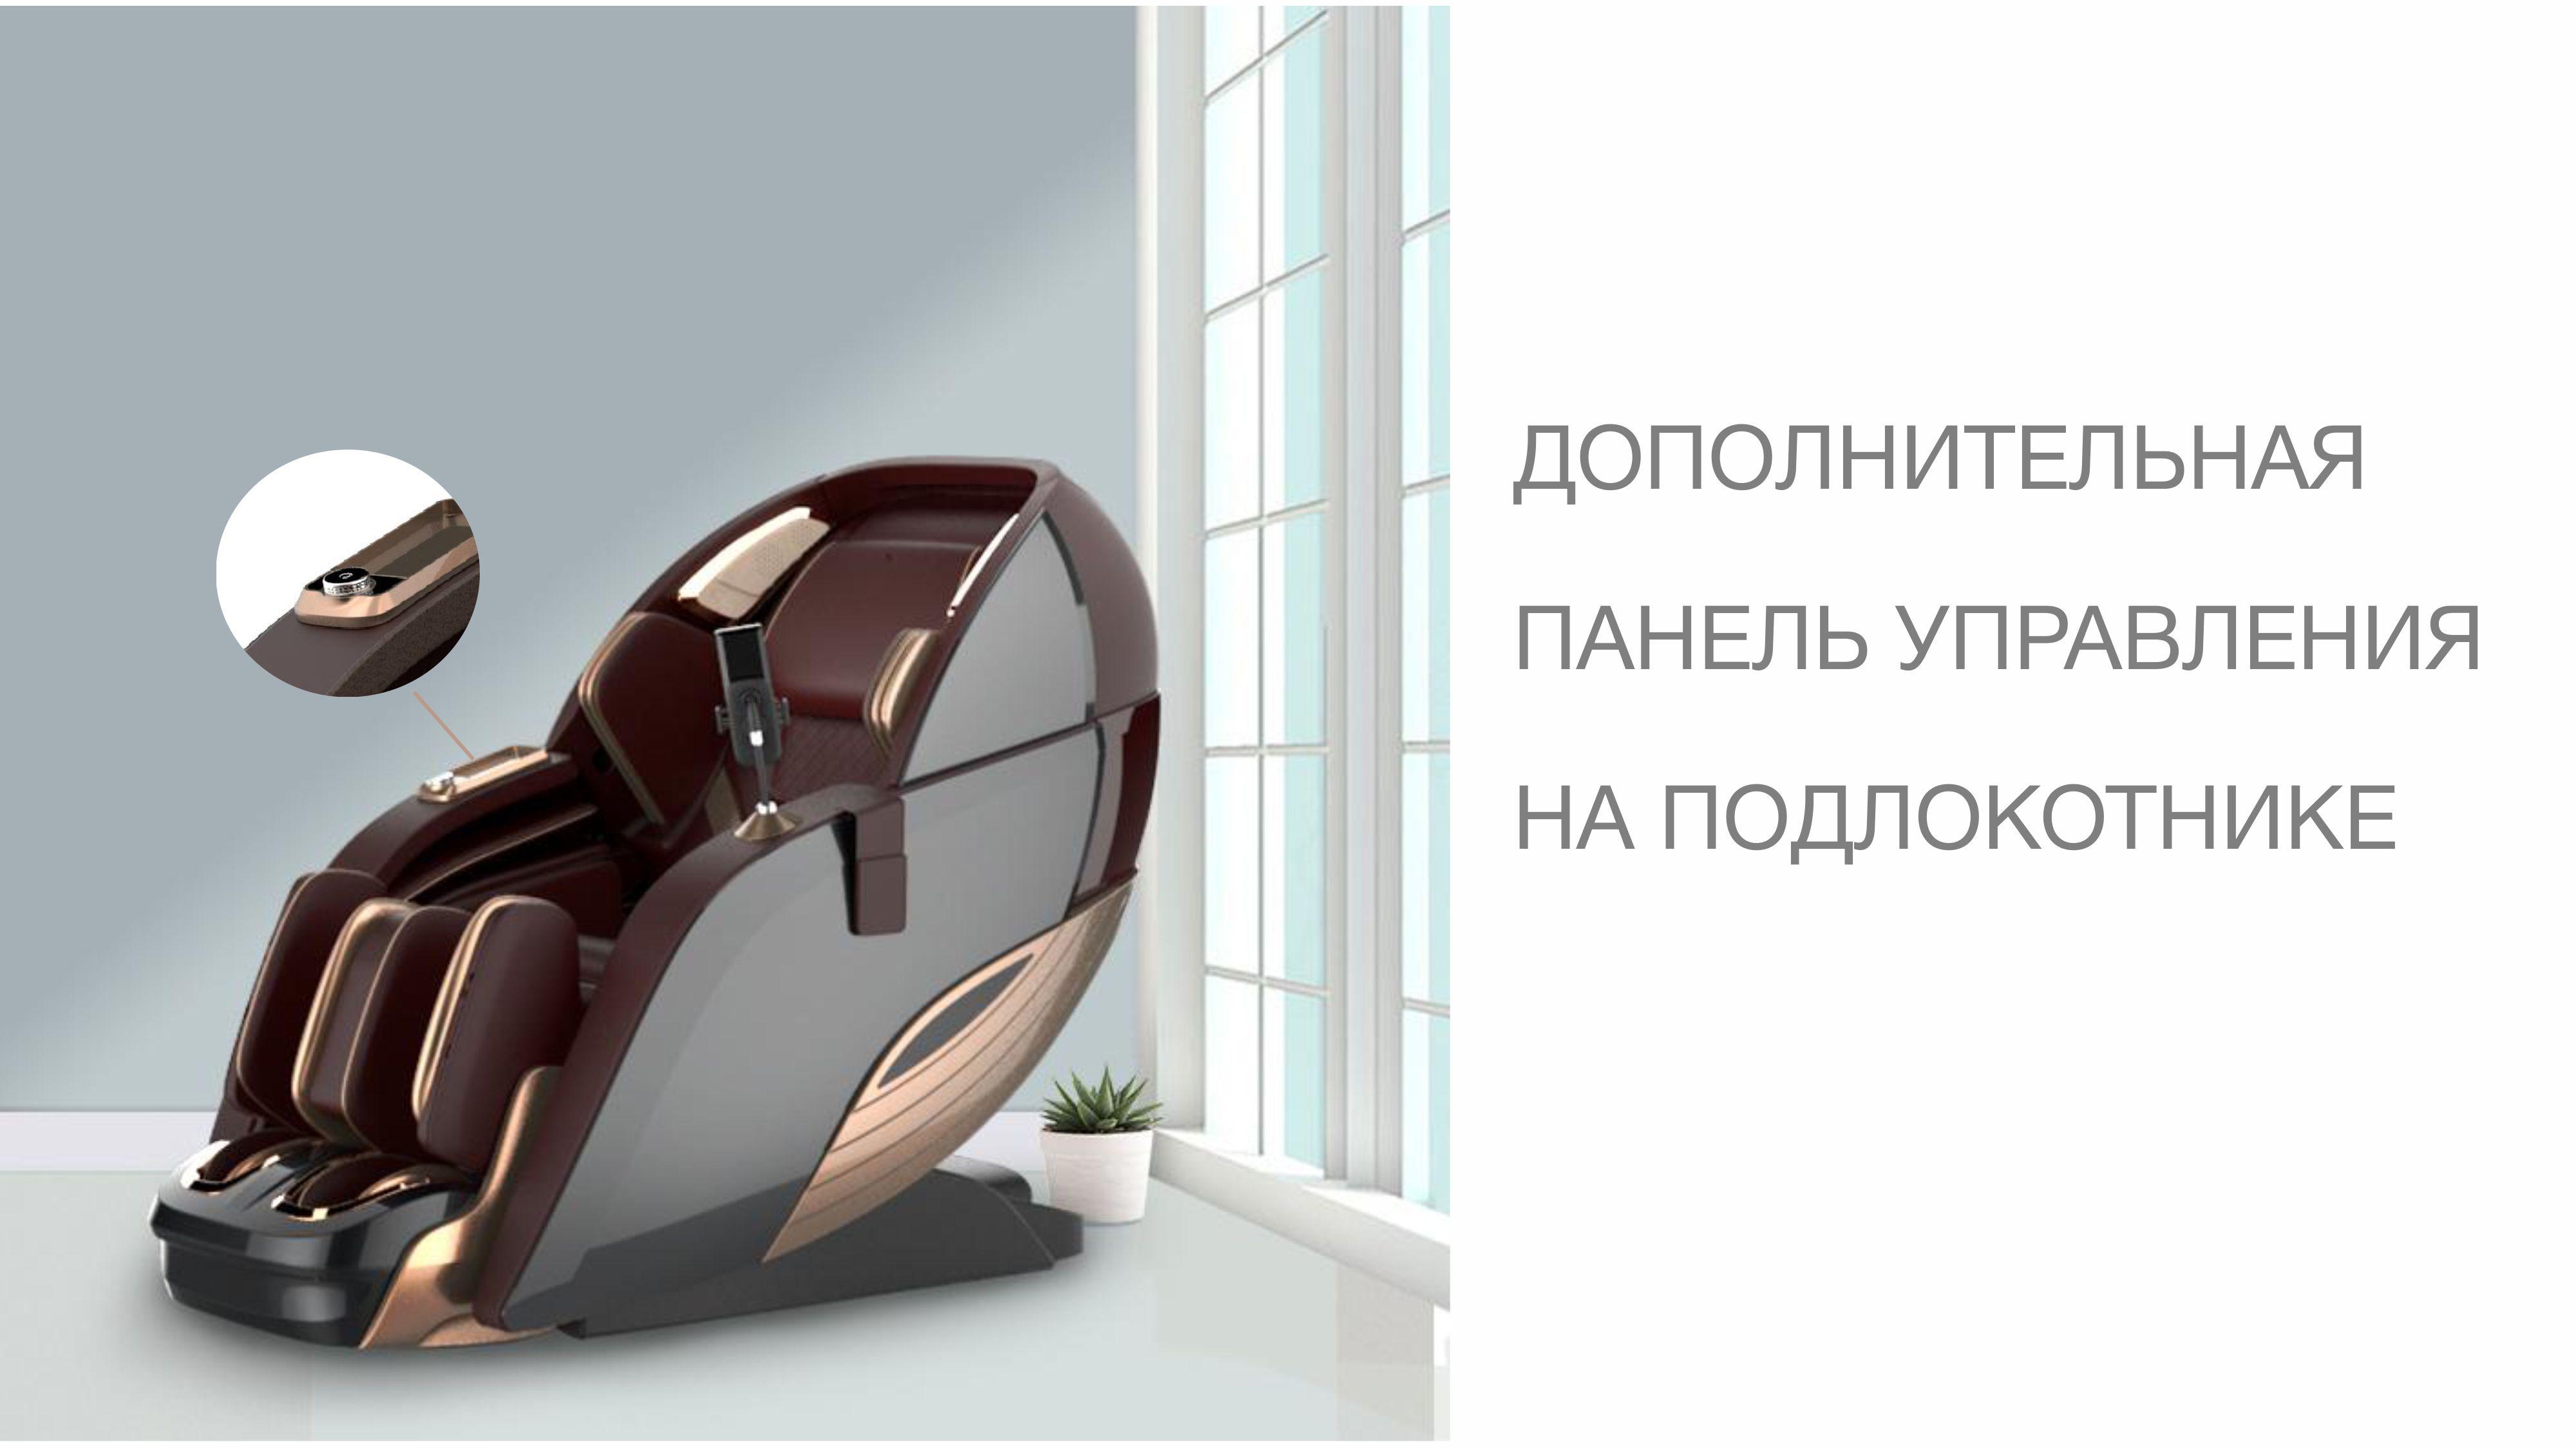 Панель управления быстрого доступа - Массажное кресло Bodo Palladium Bordeaux